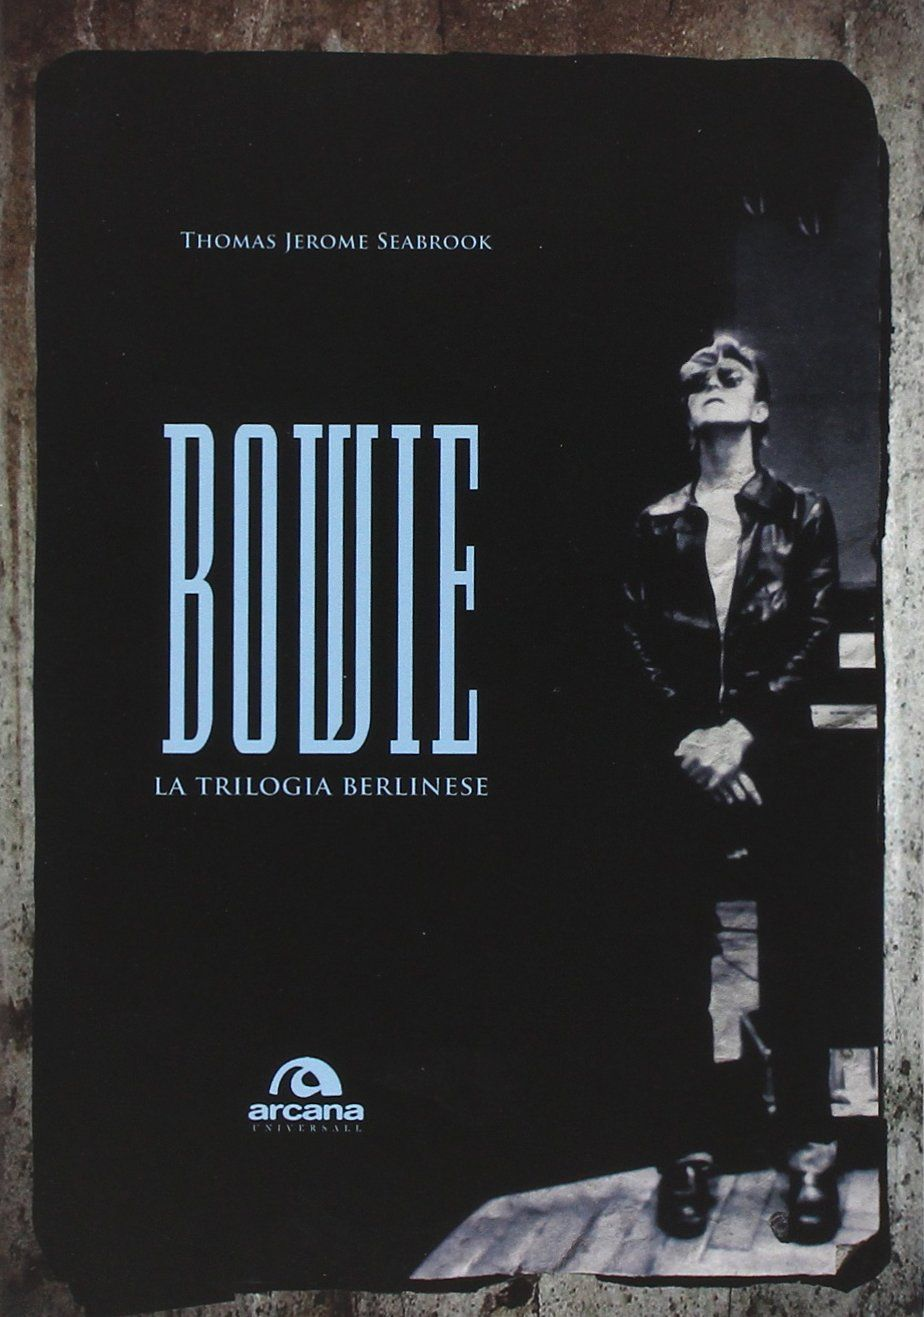 bowie, la trilogia berlinese, cover libro